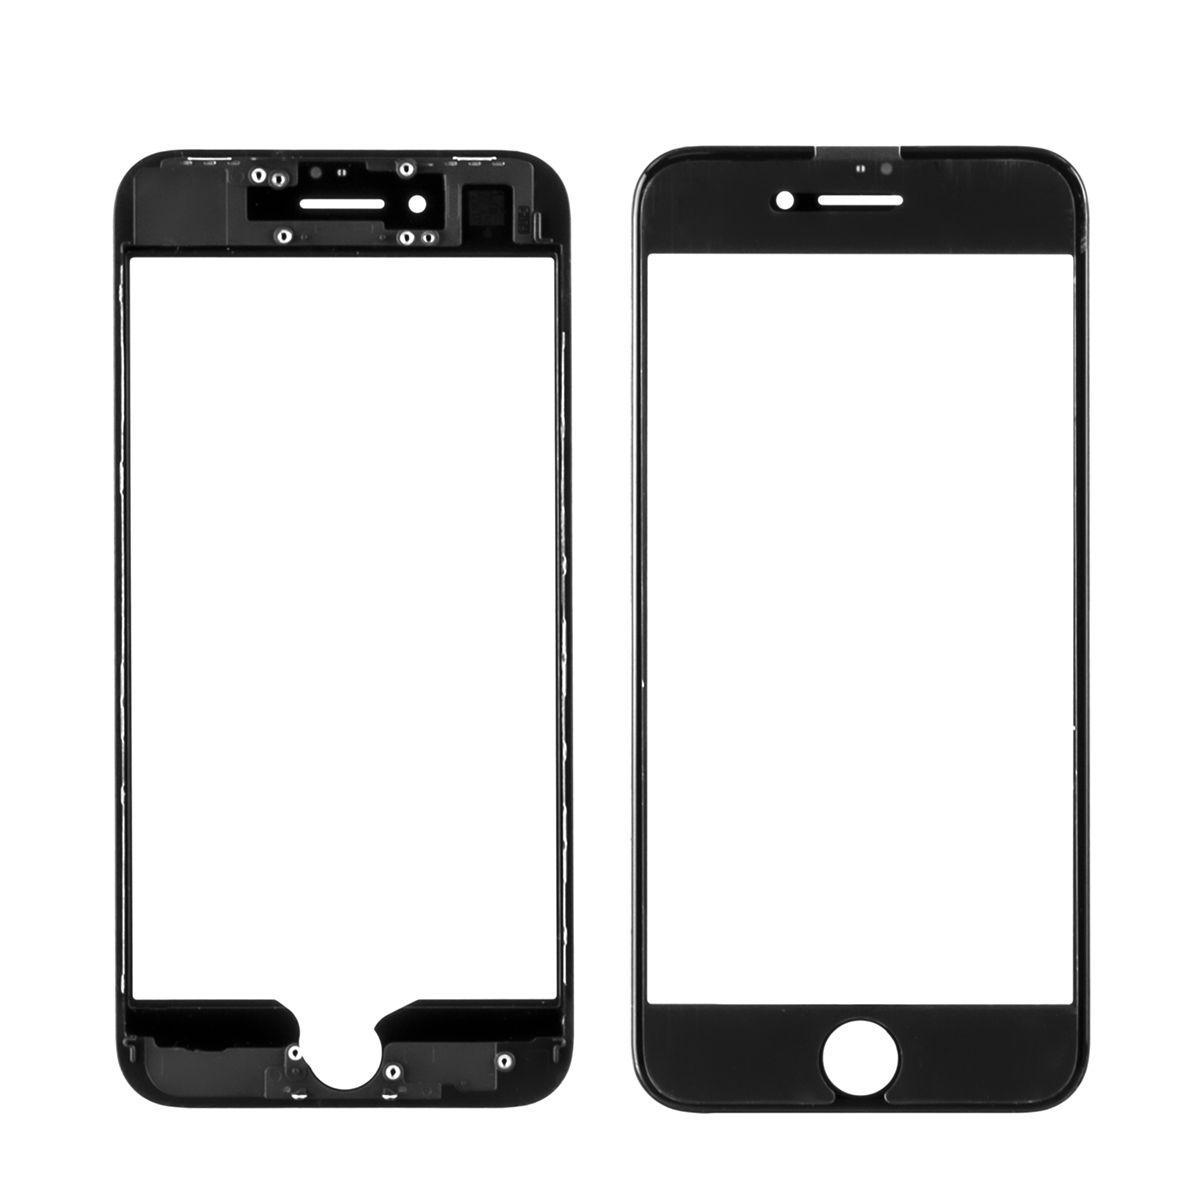 Стекло дисплей для iPhone 7G (3 в 1) с рамкой и OCA пленкой, Black